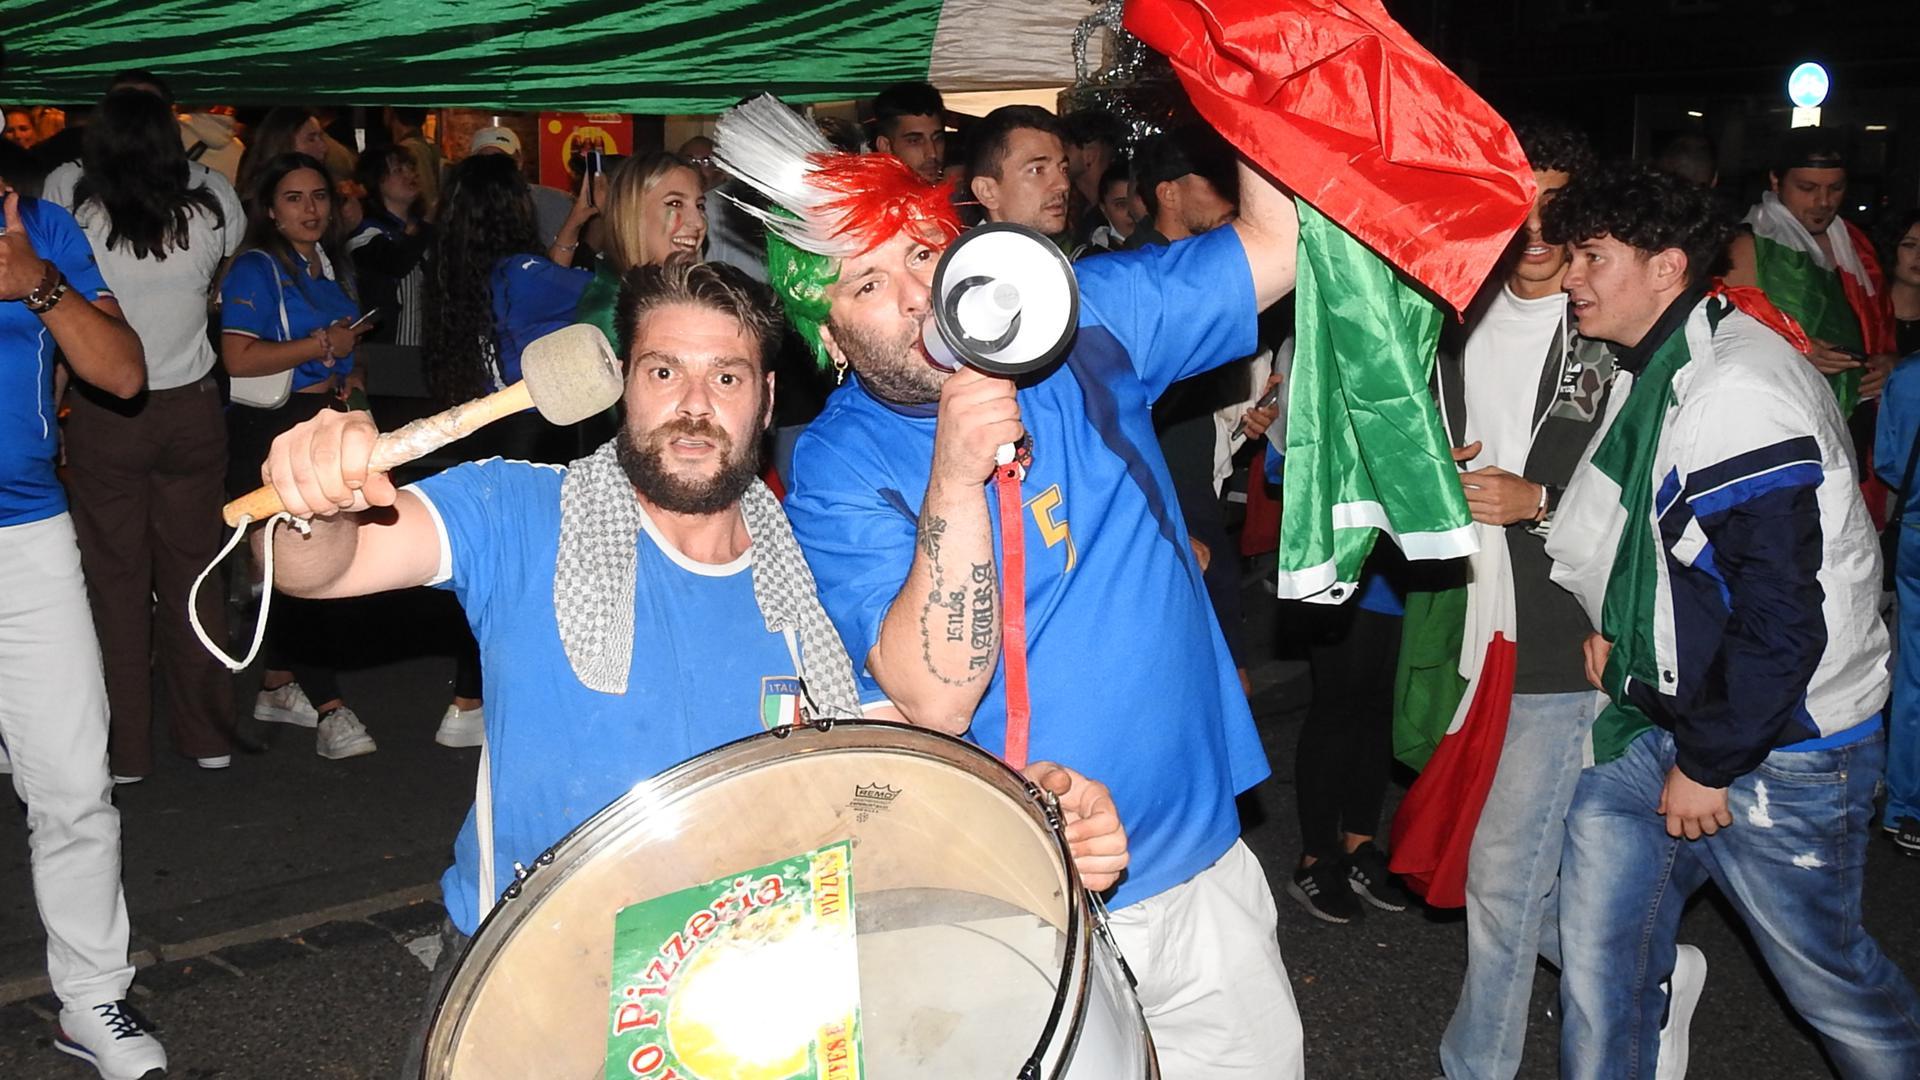 Mit Trommel und Megaphon: Diese Fans sorgen vor der Pizzeria am Schloßberg in Pforzheim für Stimmung.